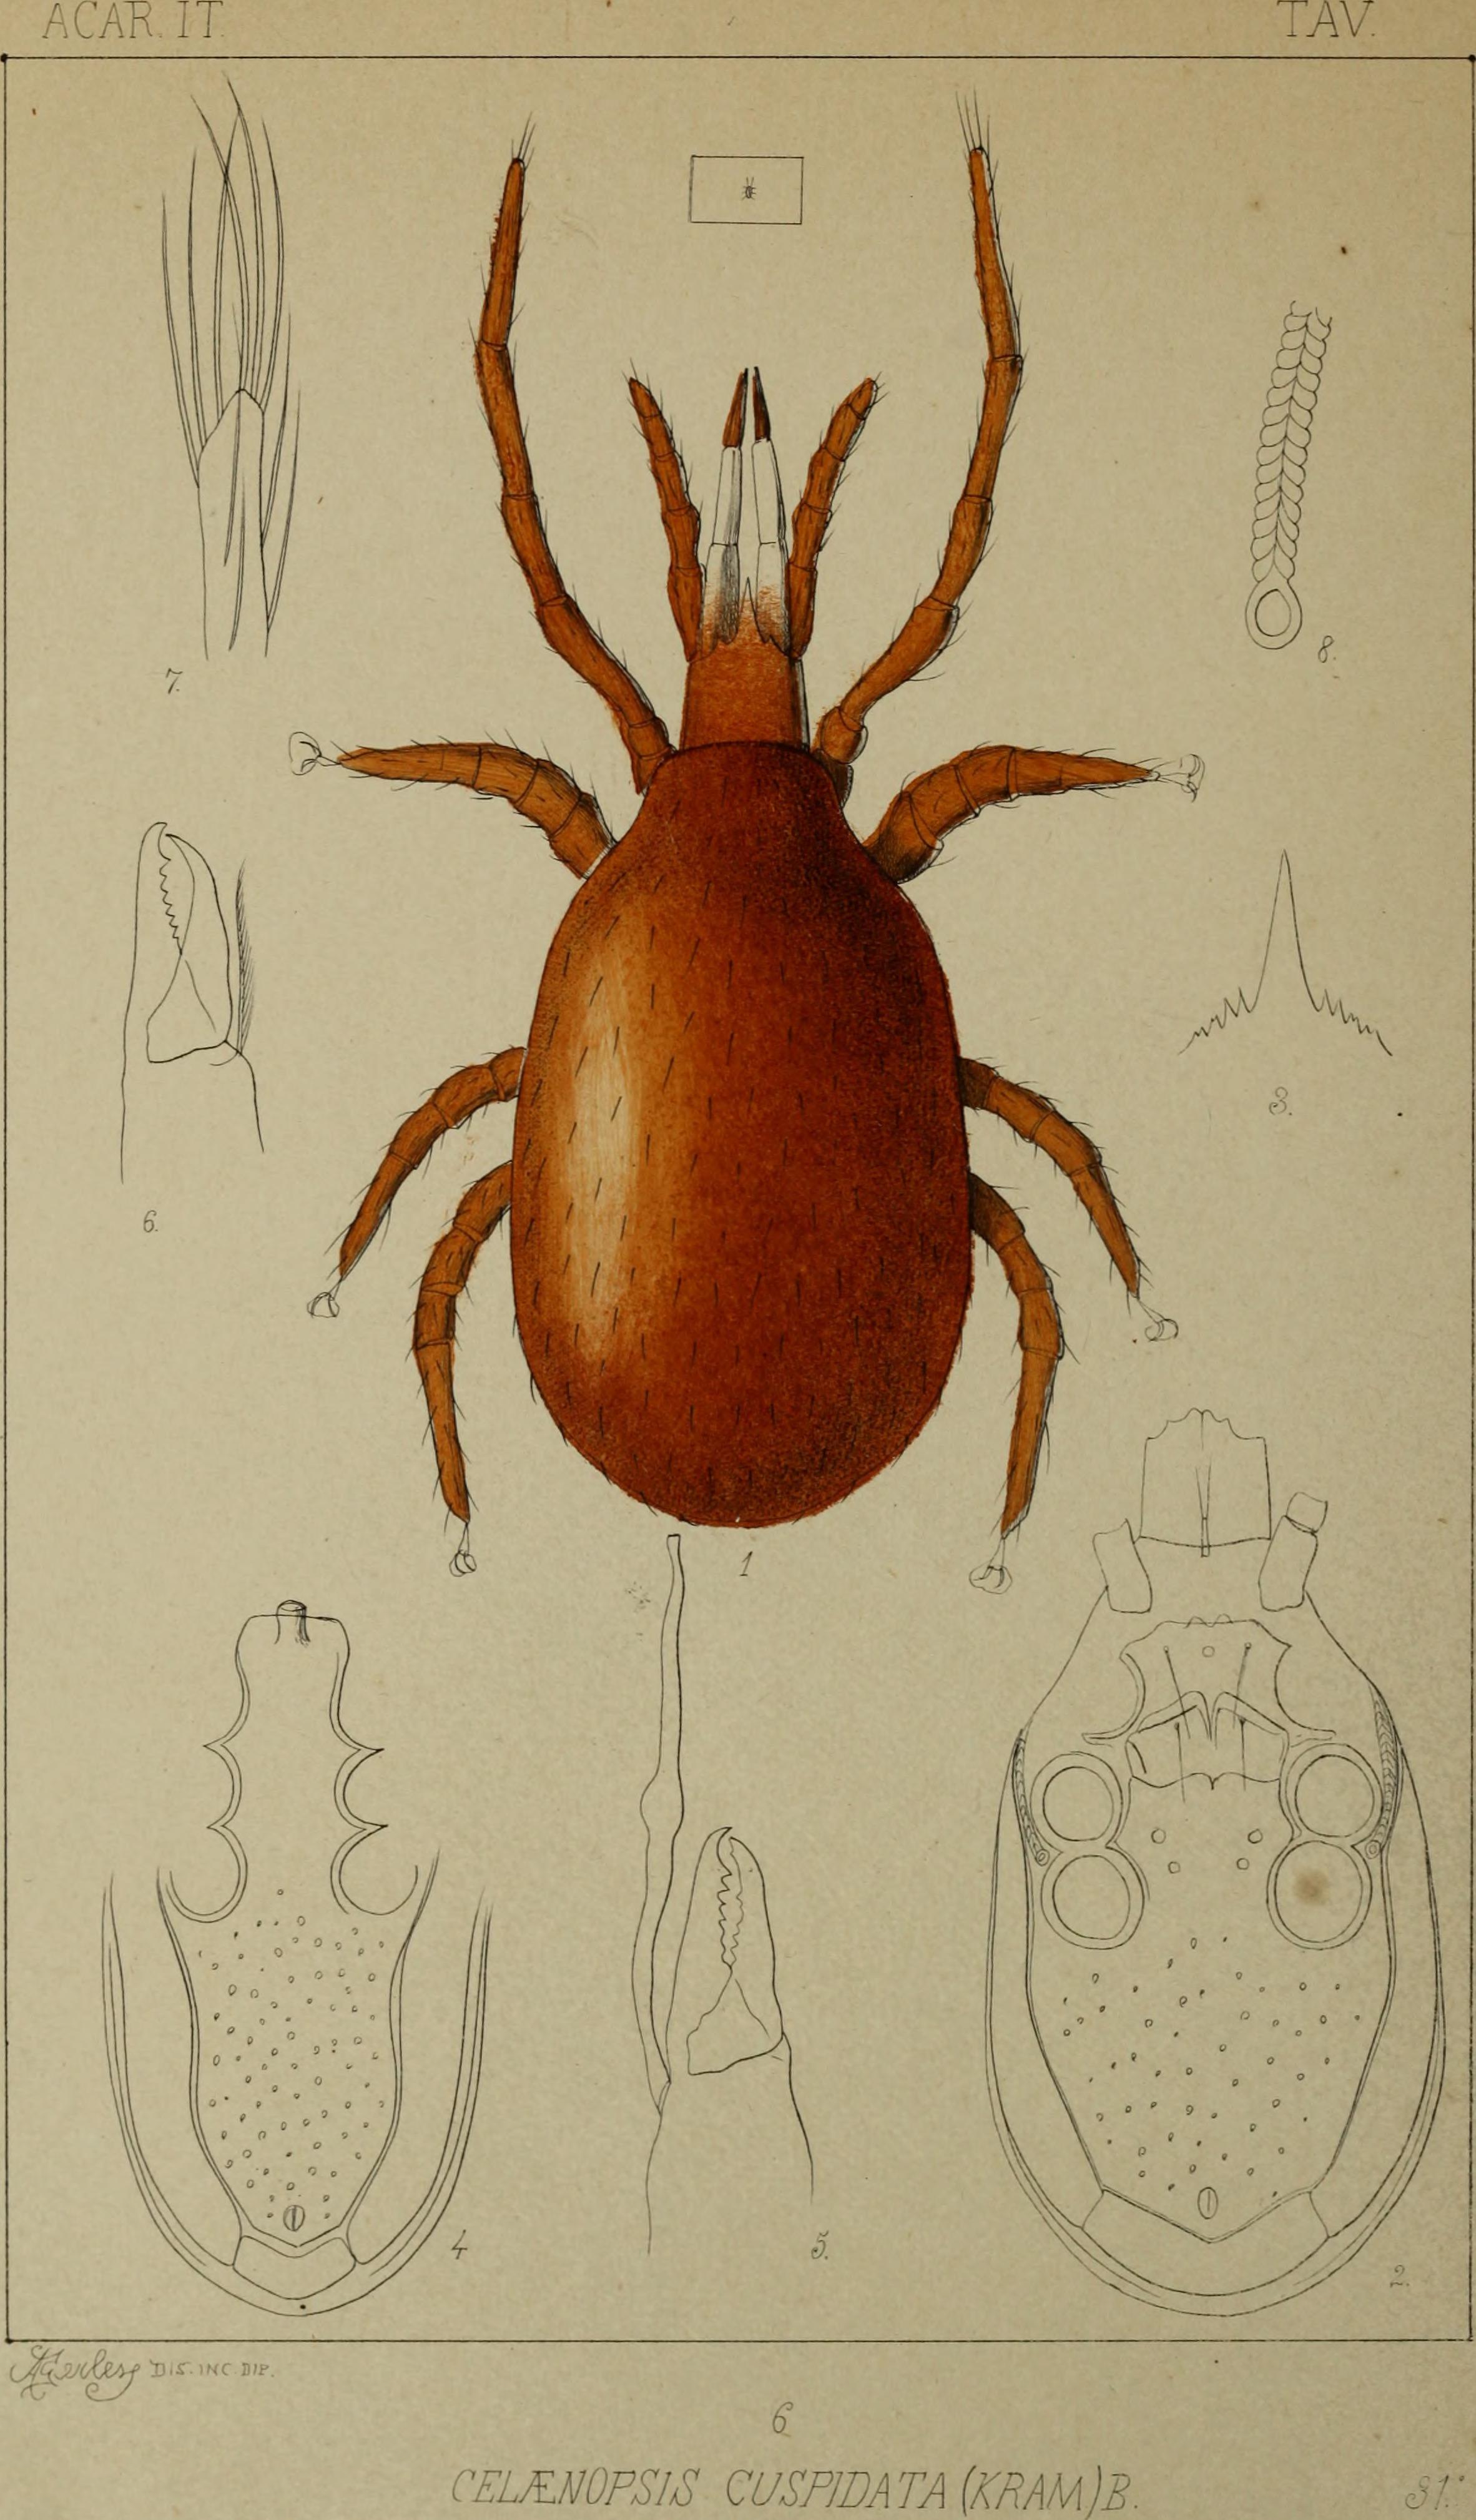 file acari myriopoda et scorpiones hucusque in italia reperta 1886